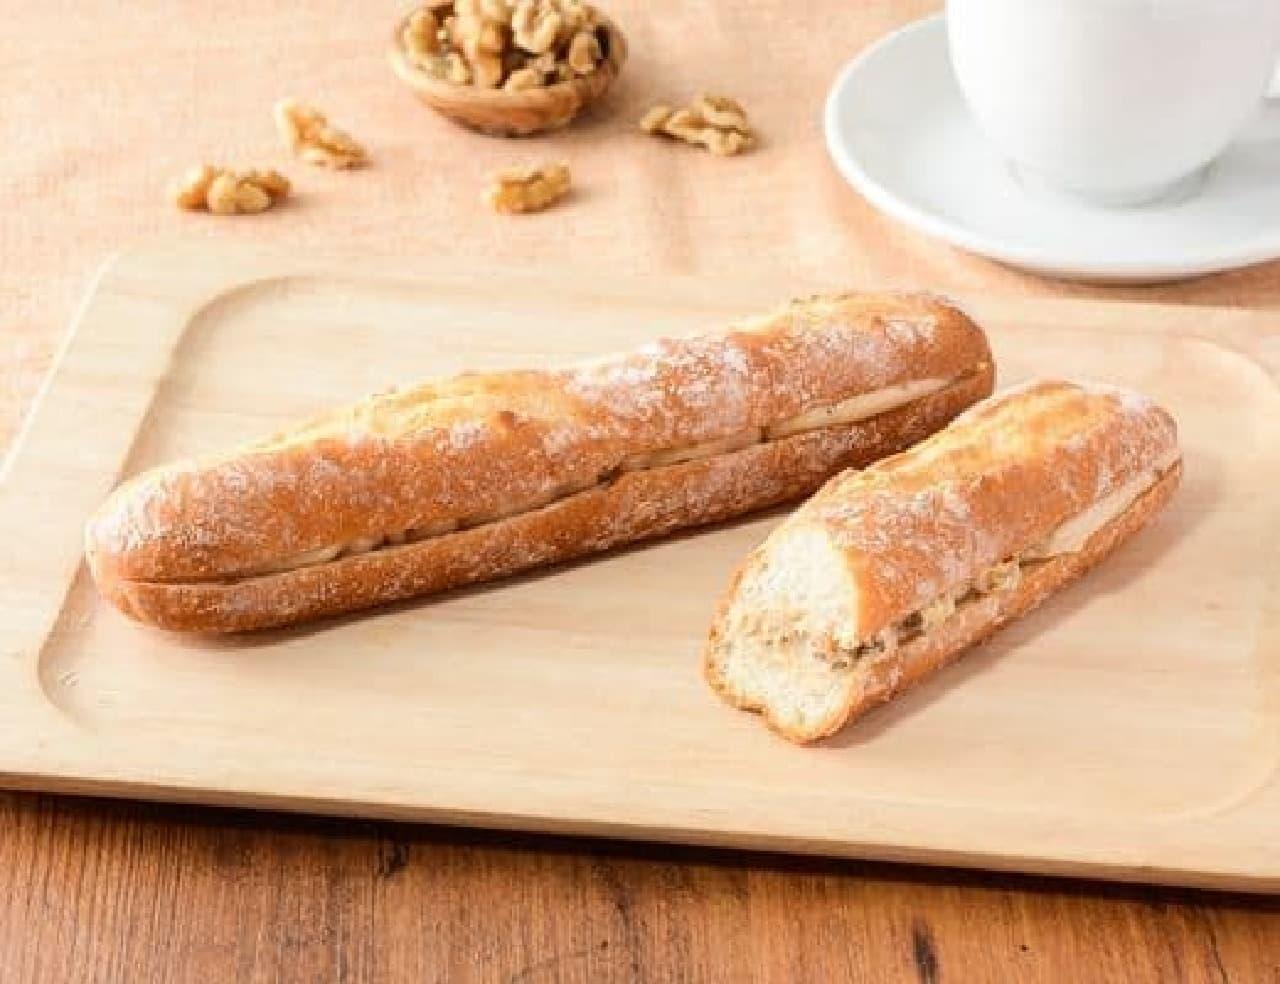 ローソン「マチノパン くるみバターのフランスパン」